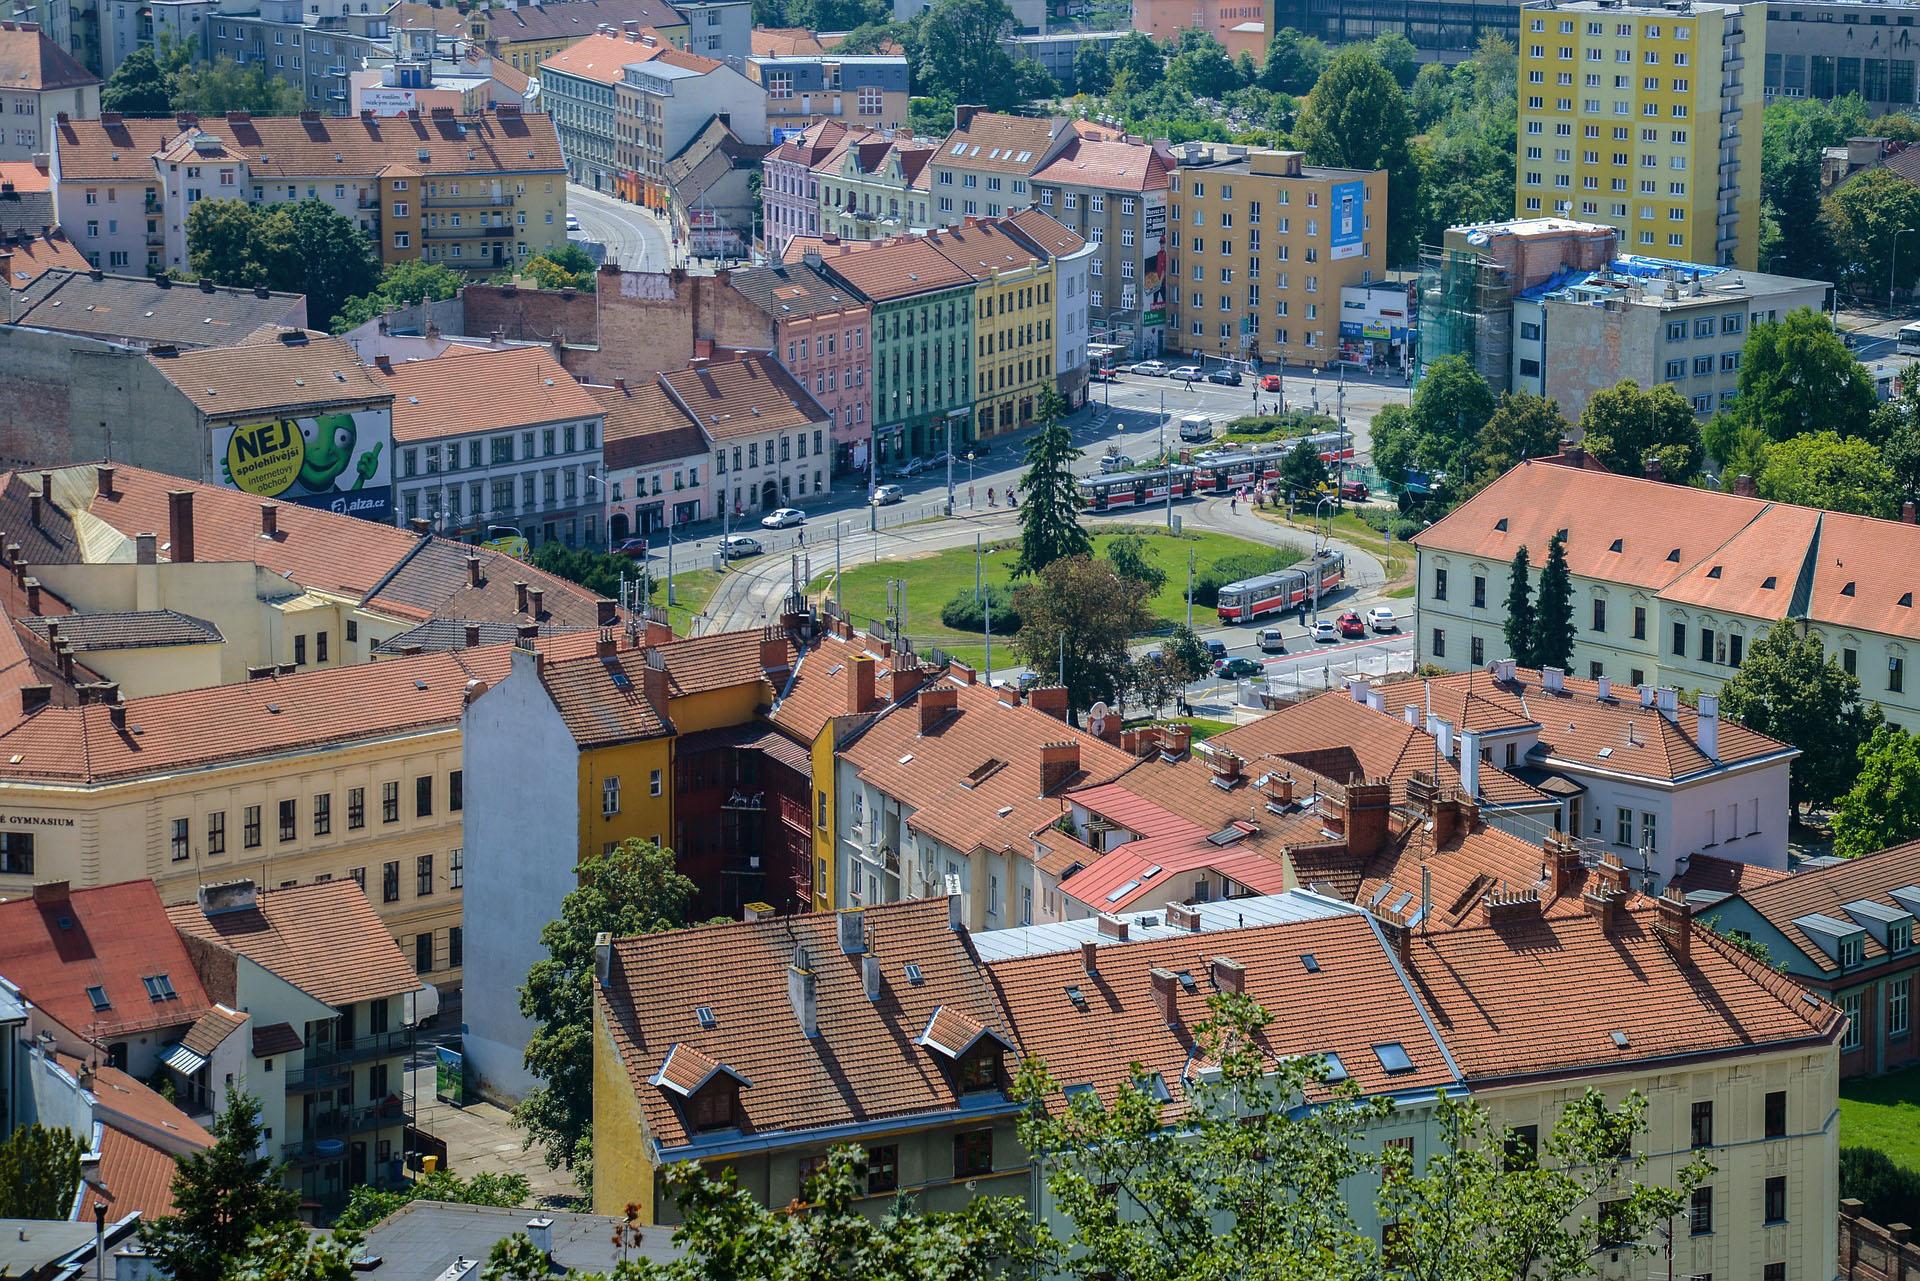 Vue de la ville Brno - République Tchèque